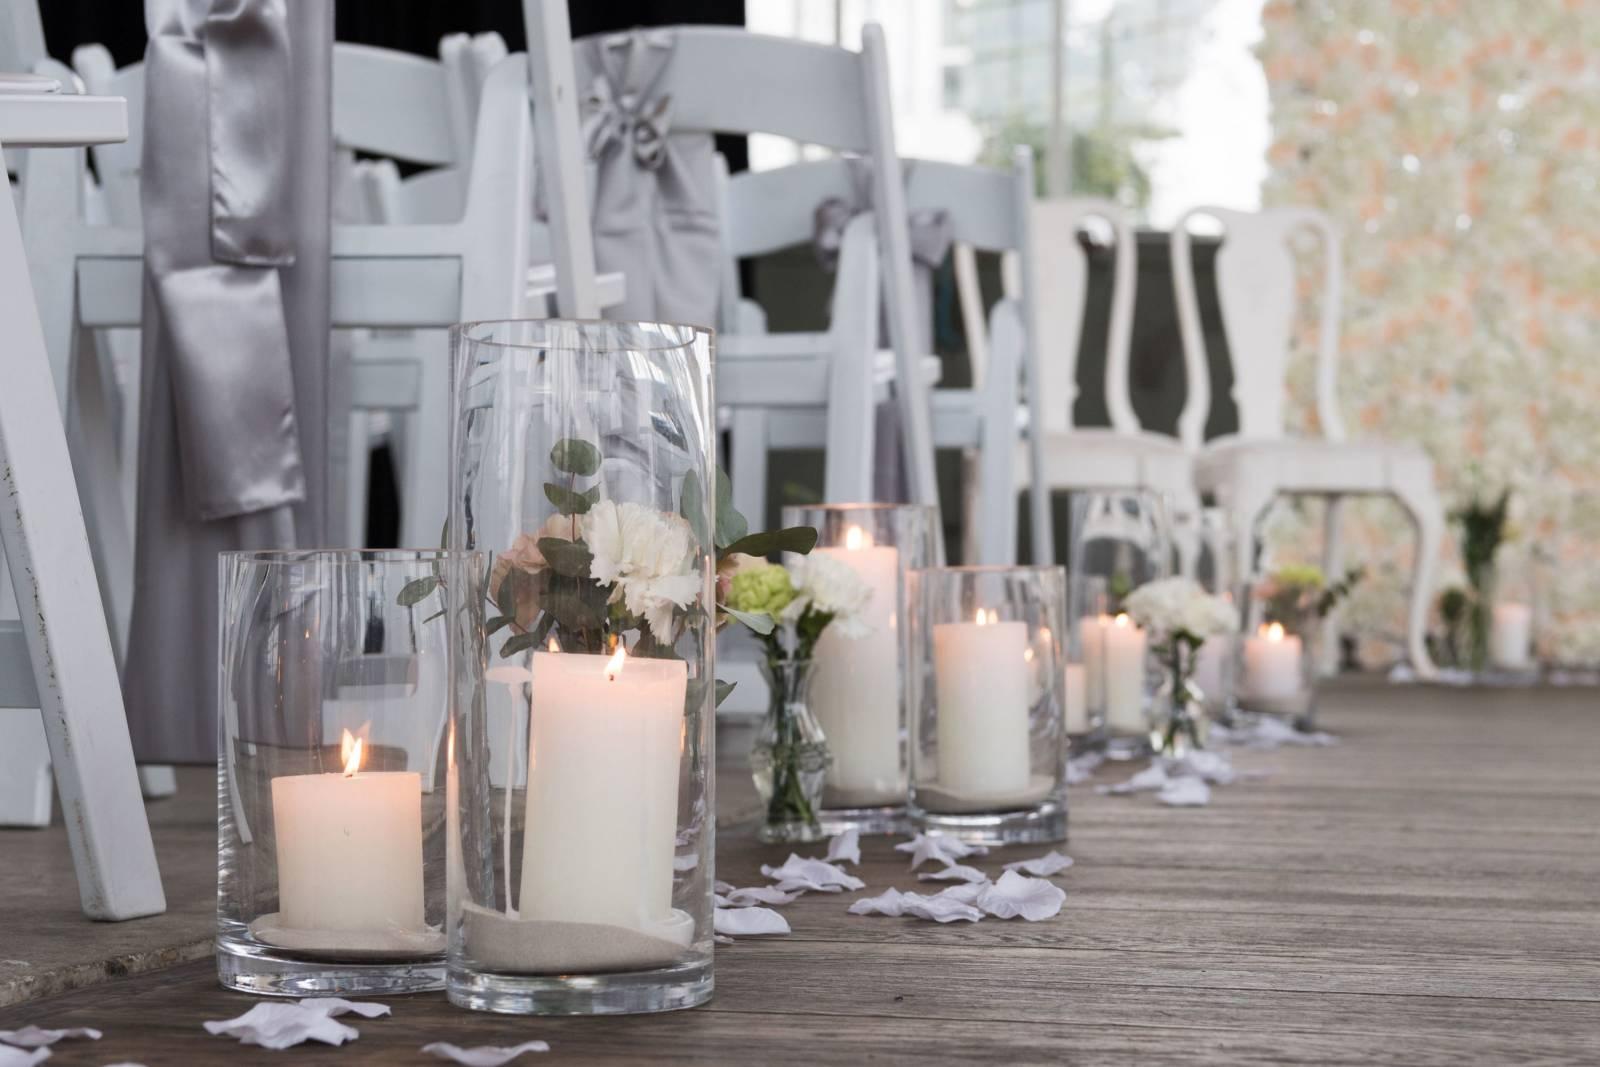 In Style Styling & Decoraties - Trouwdecoratie - Verhuurbedrijf - Wedding Design - House of Weddings - 12